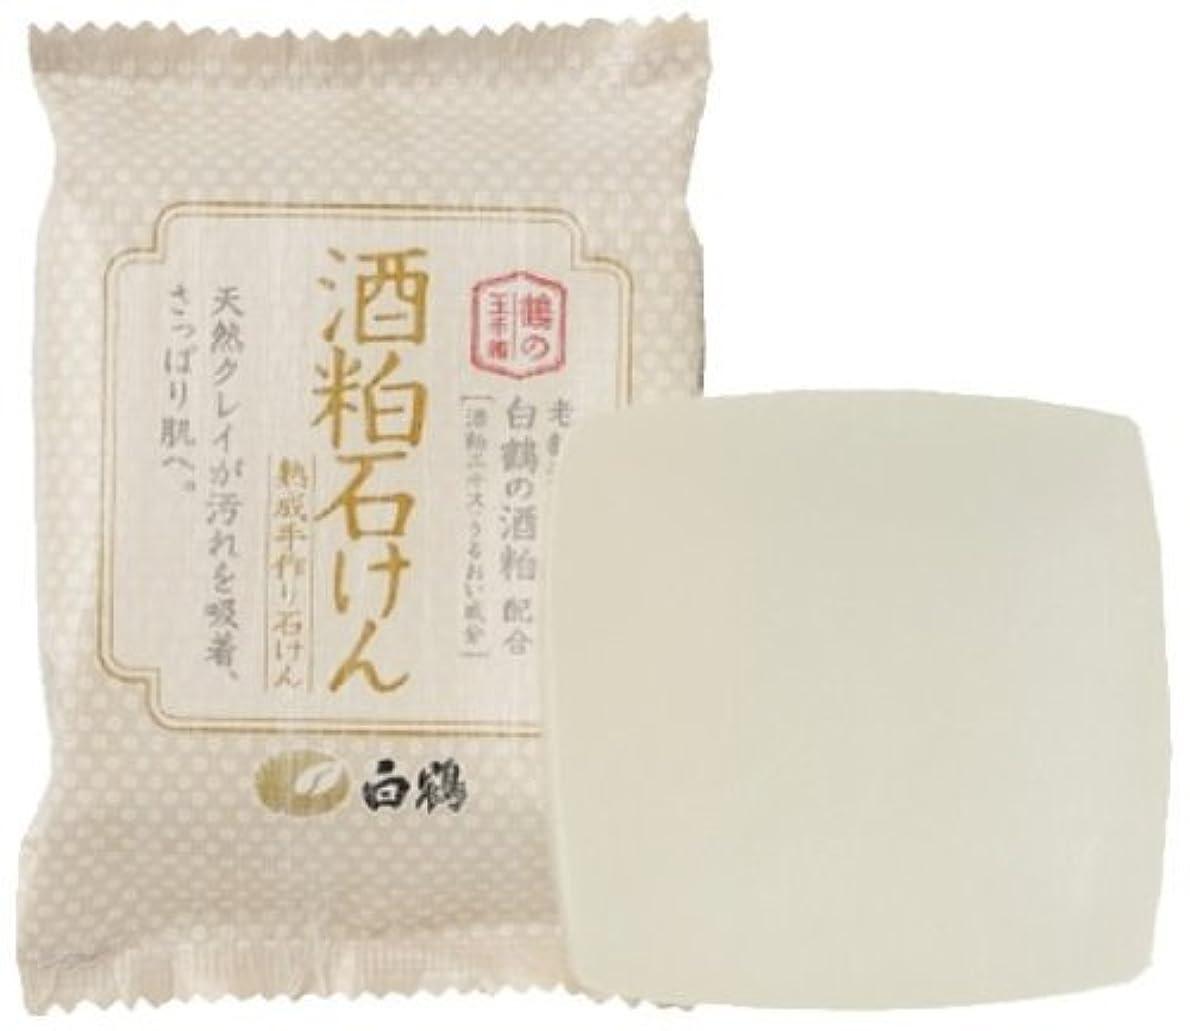 極めて重要な成分できる白鶴 鶴の玉手箱 酒粕石けん 100g × 5個